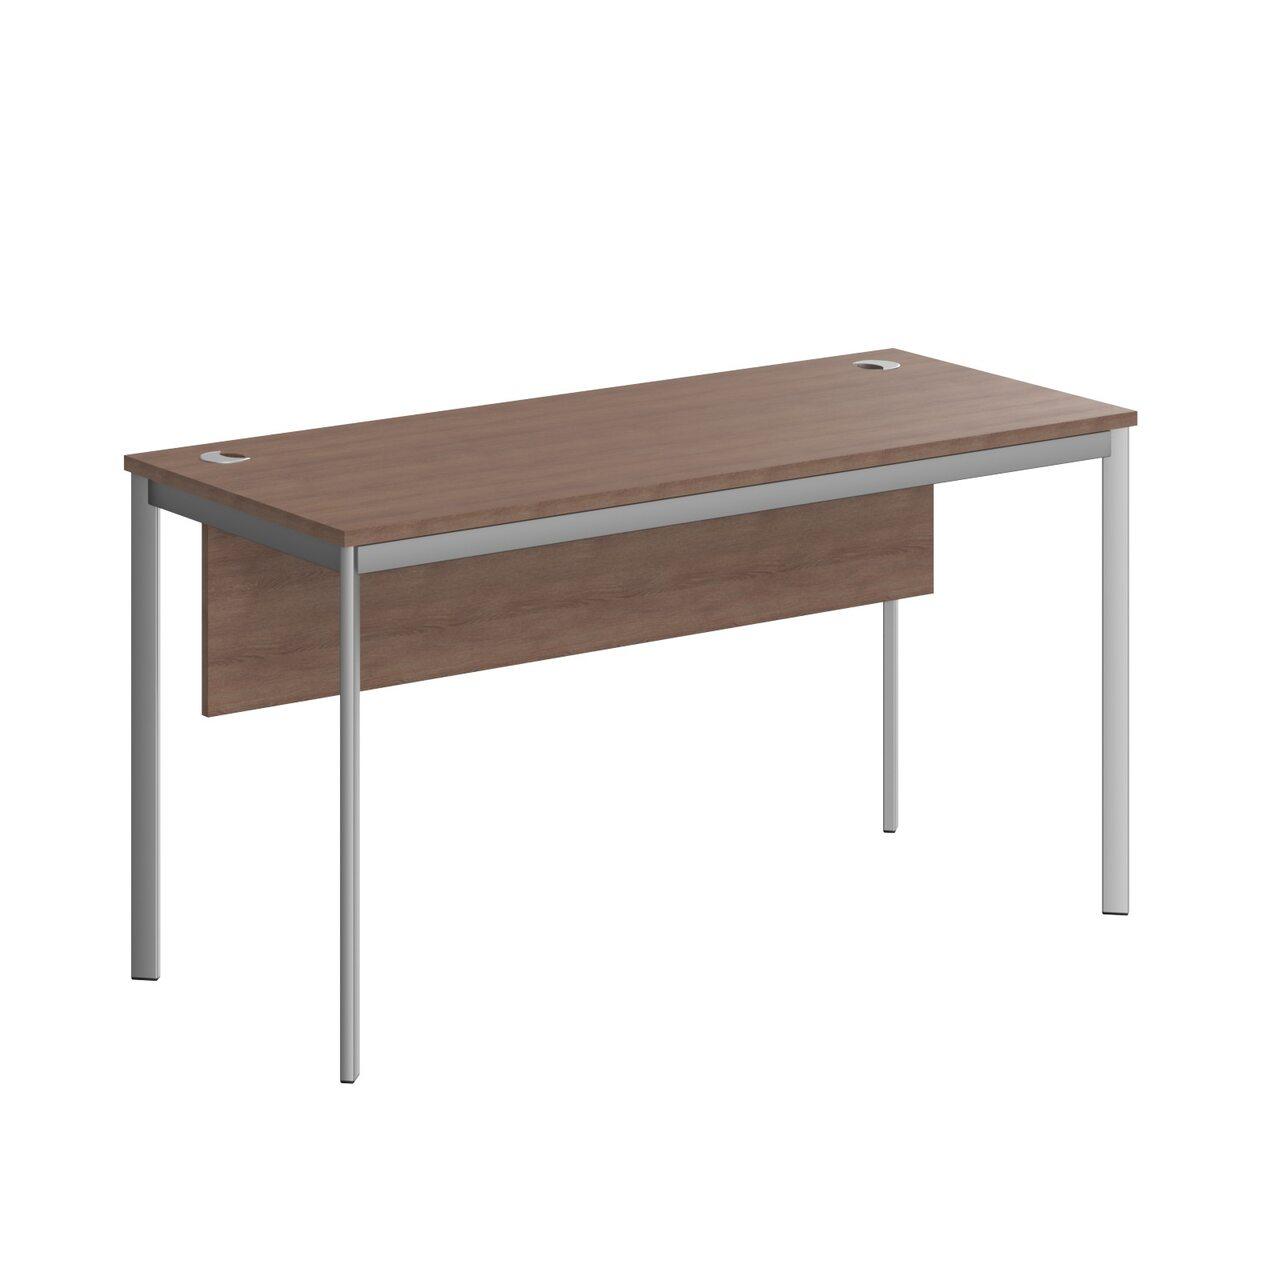 Стол прямой с фрональной панелью  IMAGO-S 140x60x76 - фото 4